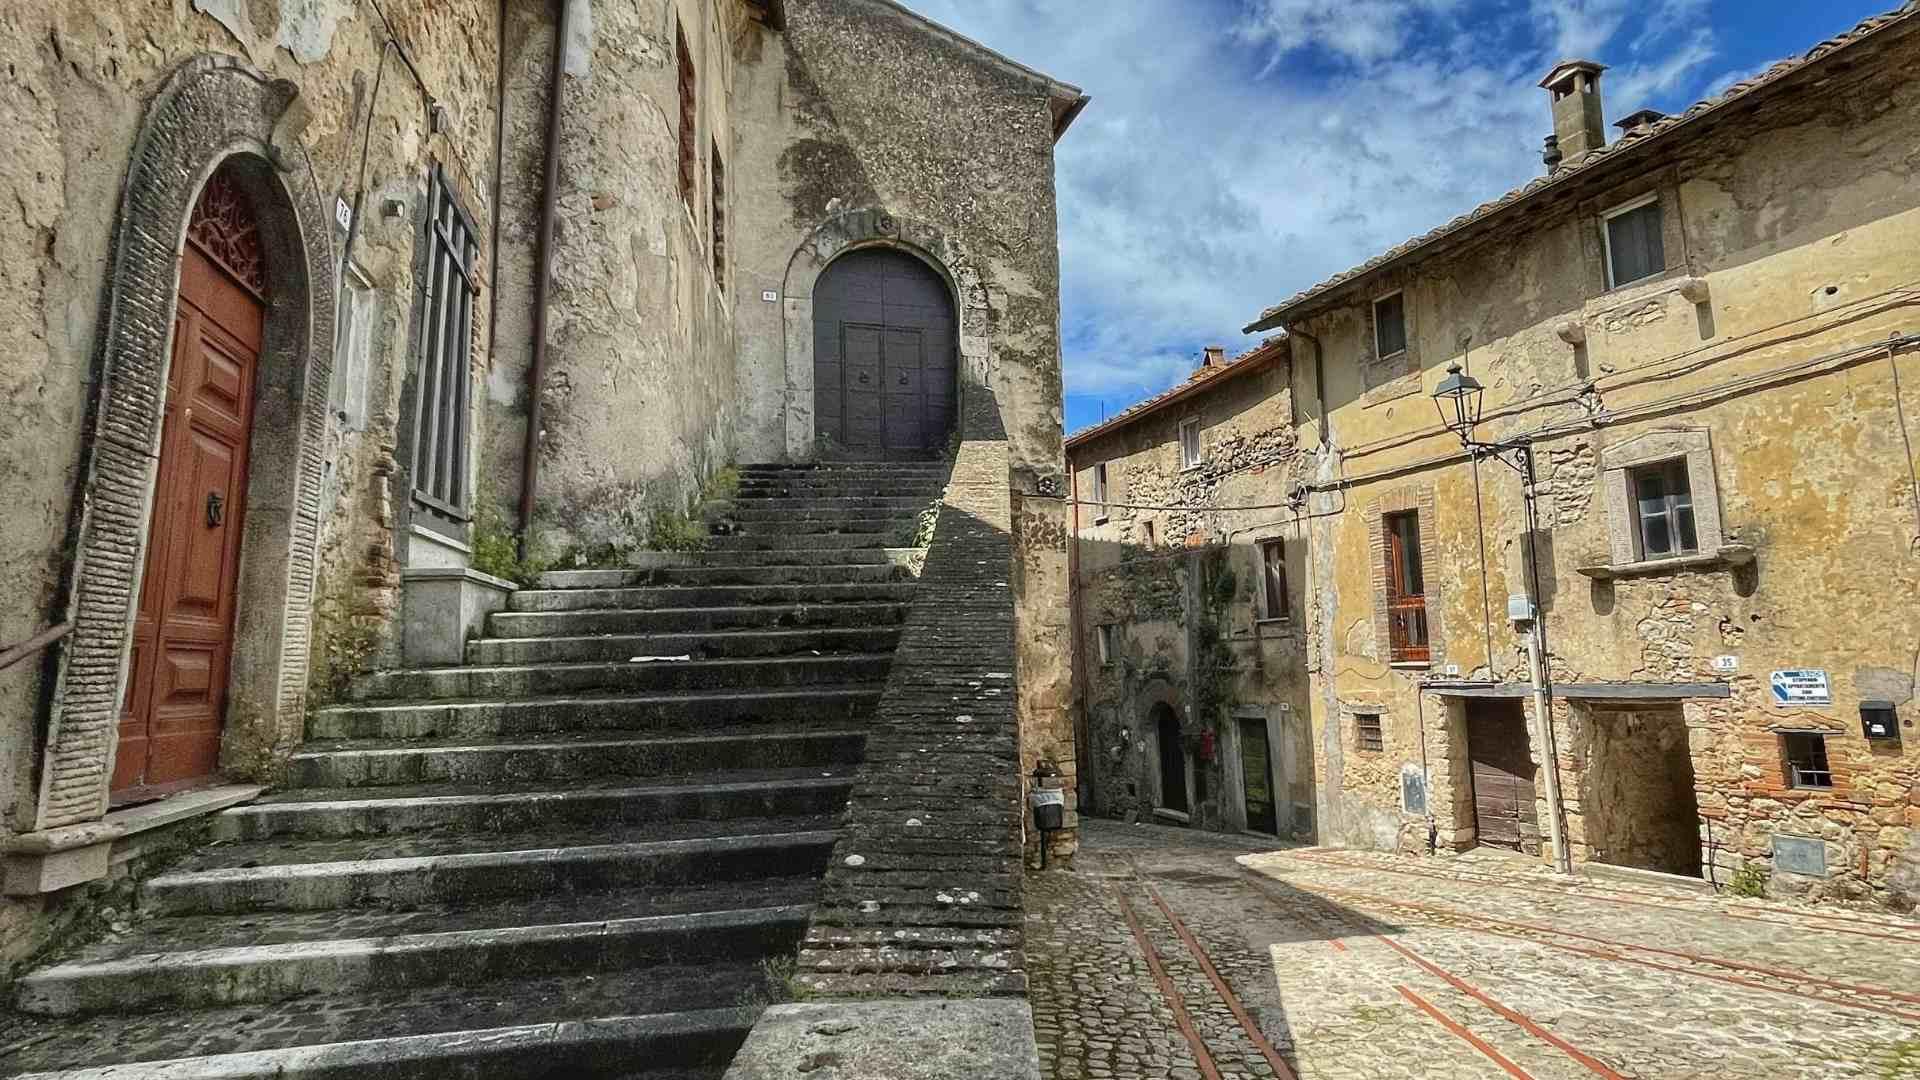 header-palazzo-orsini-scala-accesso-al-palazzo-penna-in-teverina